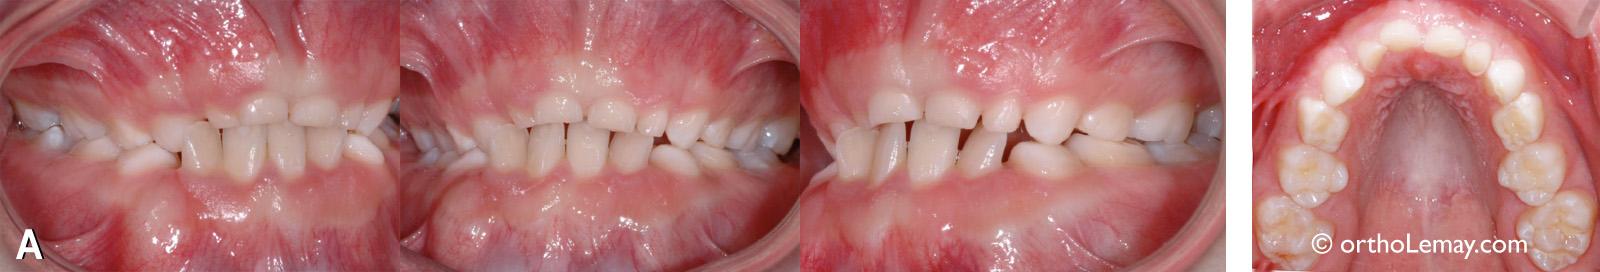 Expansion maxillaire rapide en orthodontie pour traiter l'apnée du sommeil chez un enfant.